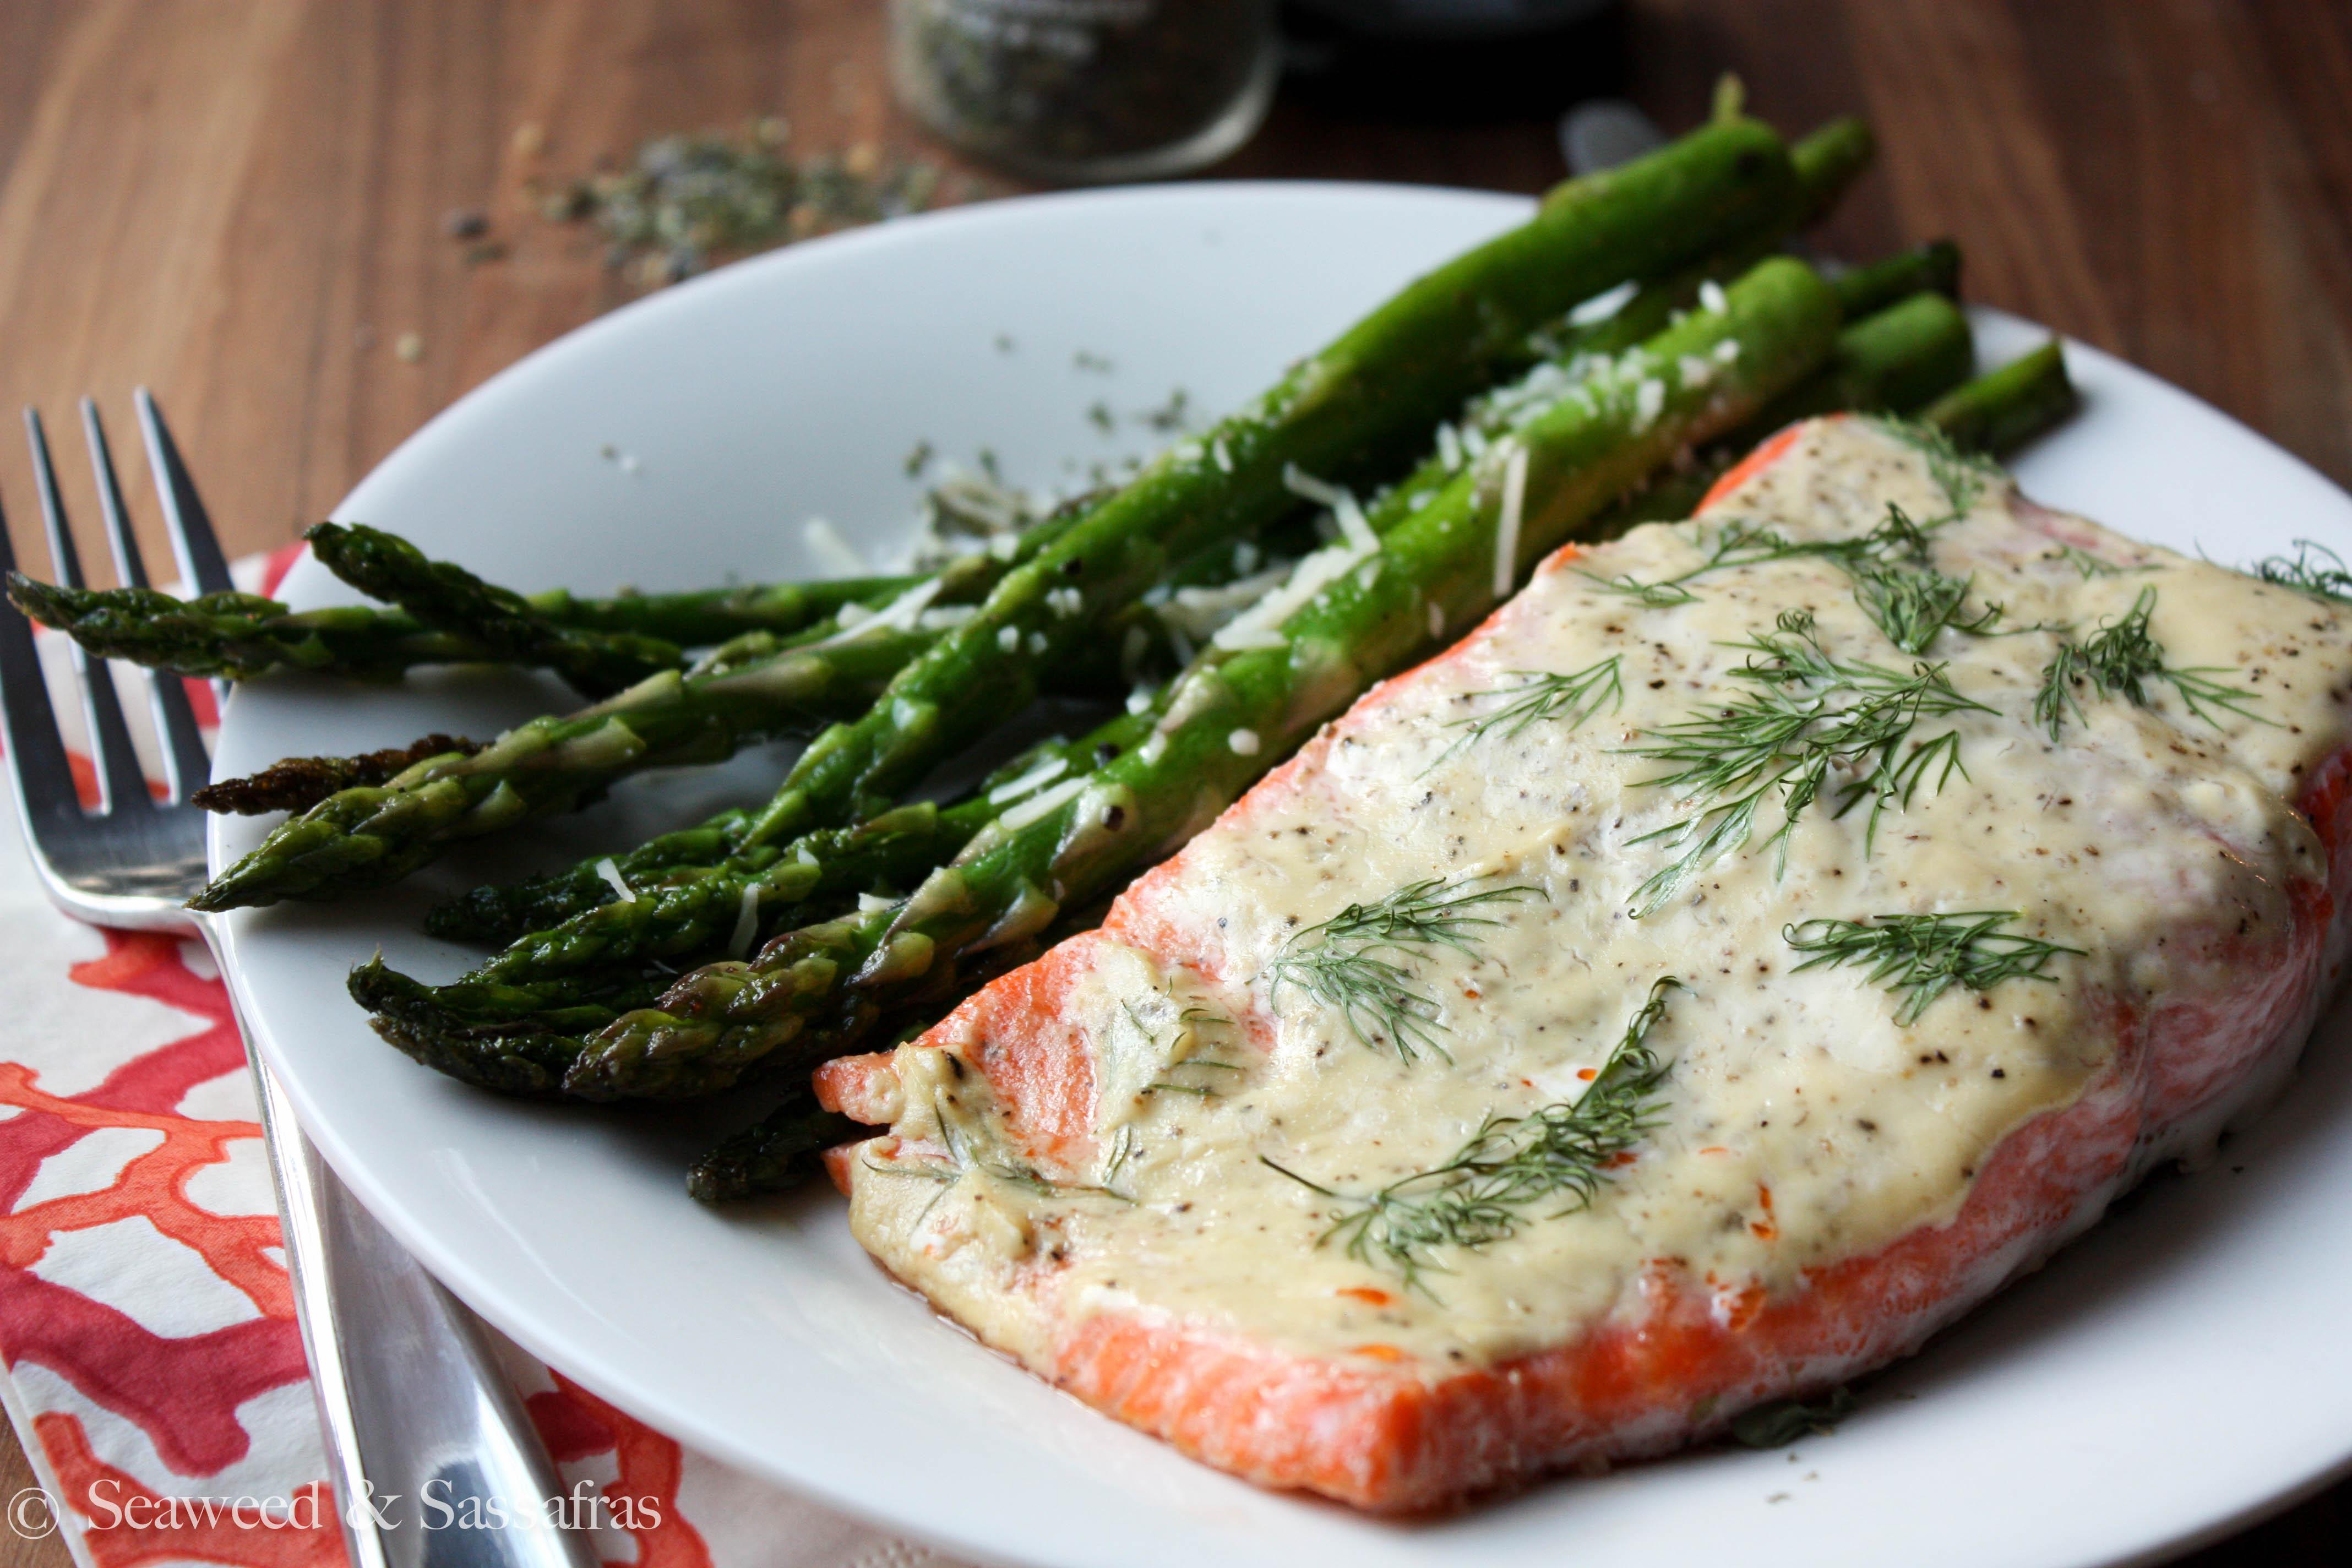 Wild Salmon with Dill-Mustard Sauce and Sautéed Asparagus